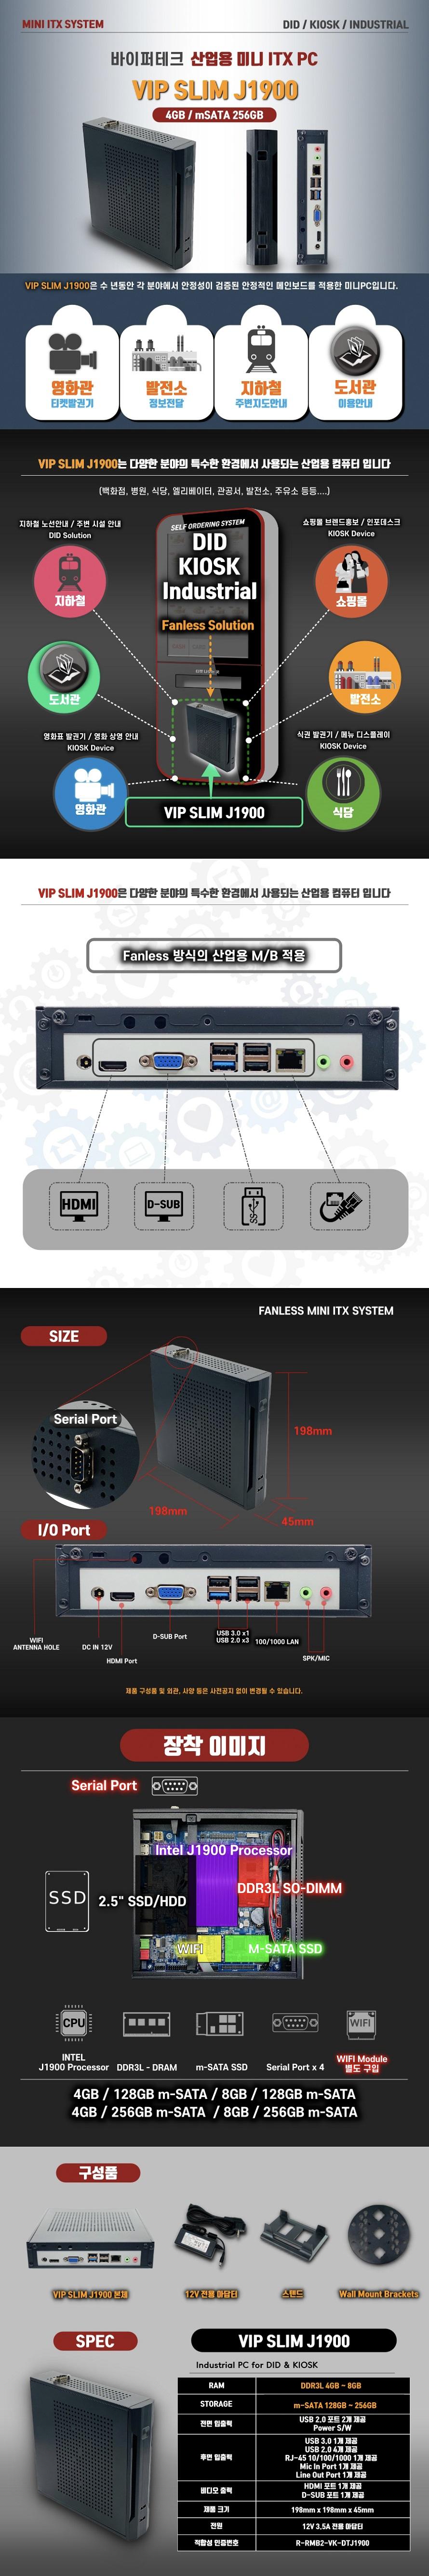 바이퍼테크 VIP SLIM J1900 (4GB, mSATA 256GB)